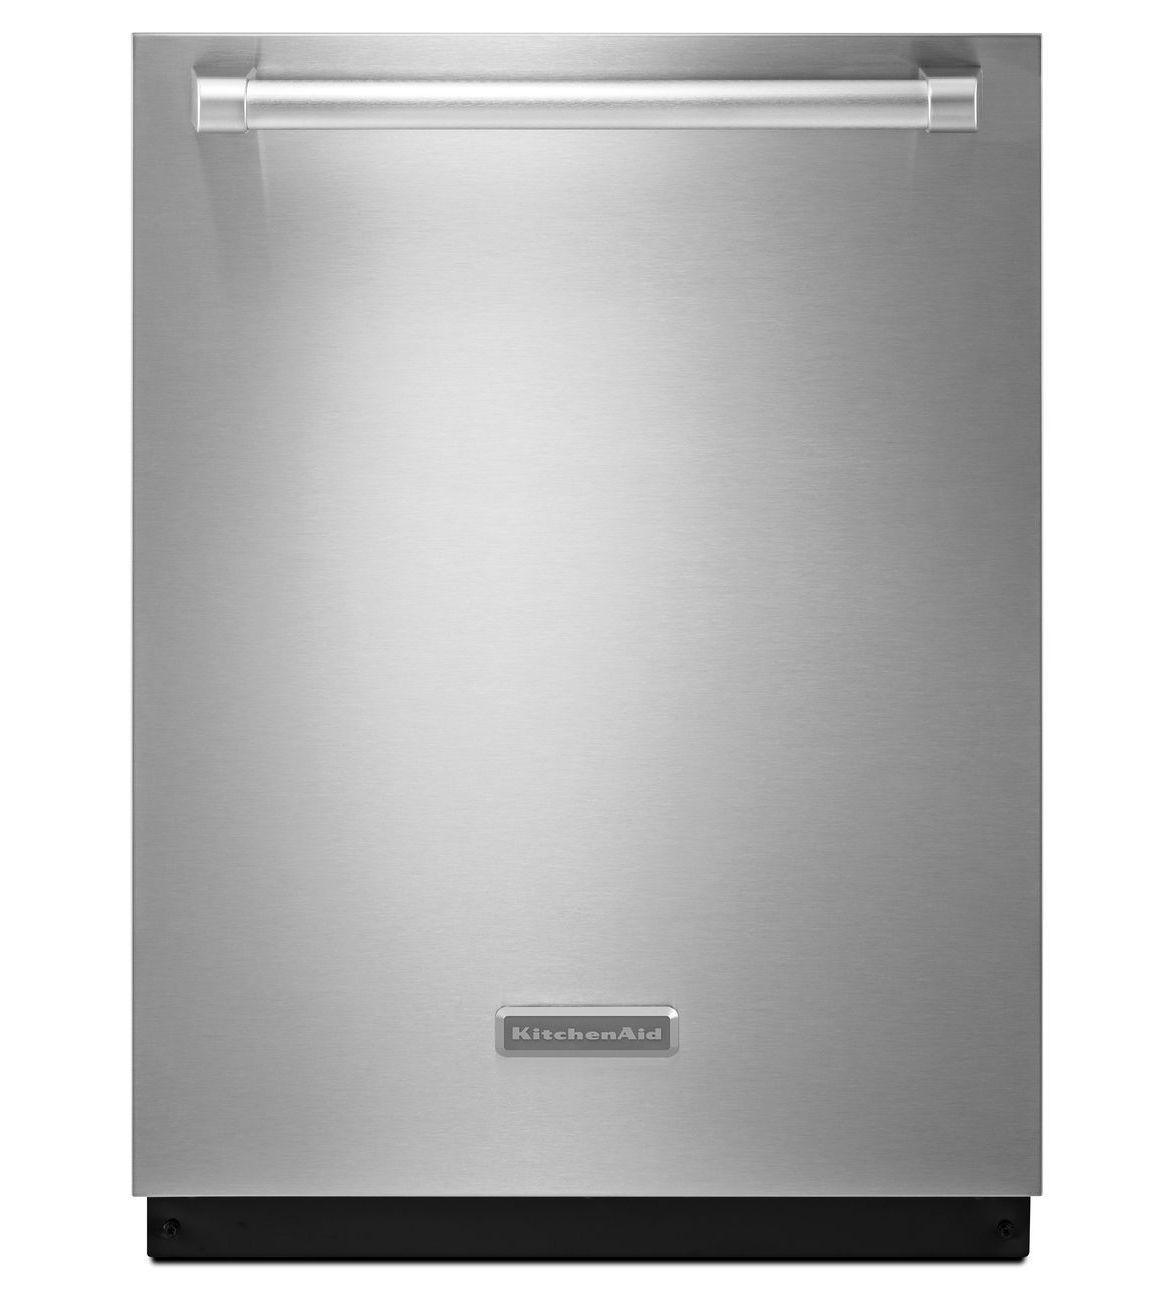 kitchenaid dishwasher model number kdtm404kps